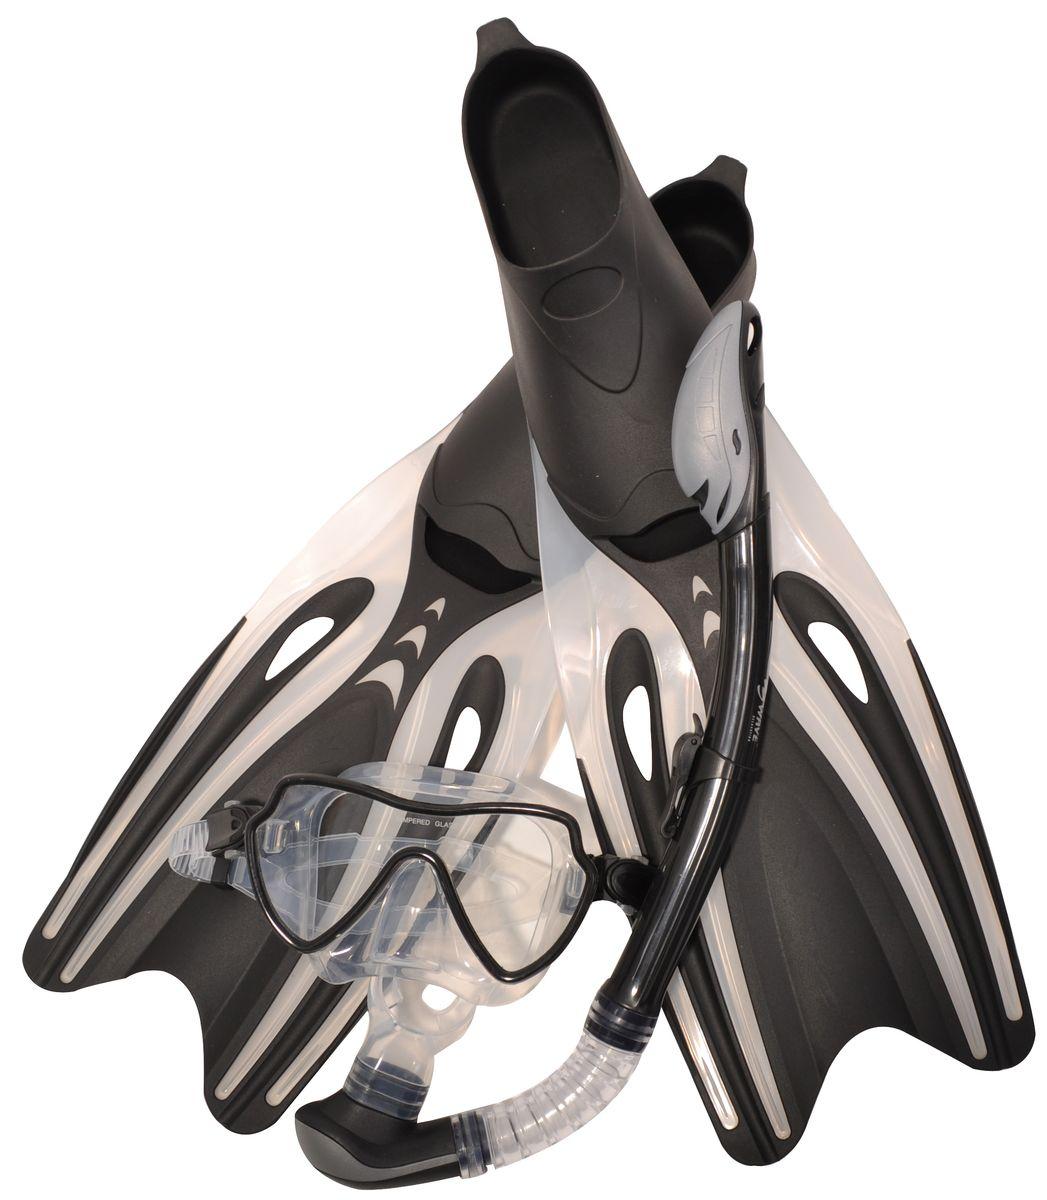 Комплект для плавания WAVE: маска, трубка, ласты, цвет: черый,серый. Размер 39-41. MSF-1390S65F69 очки маски и трубки для плавания intex маска авиатор для плавания 55911